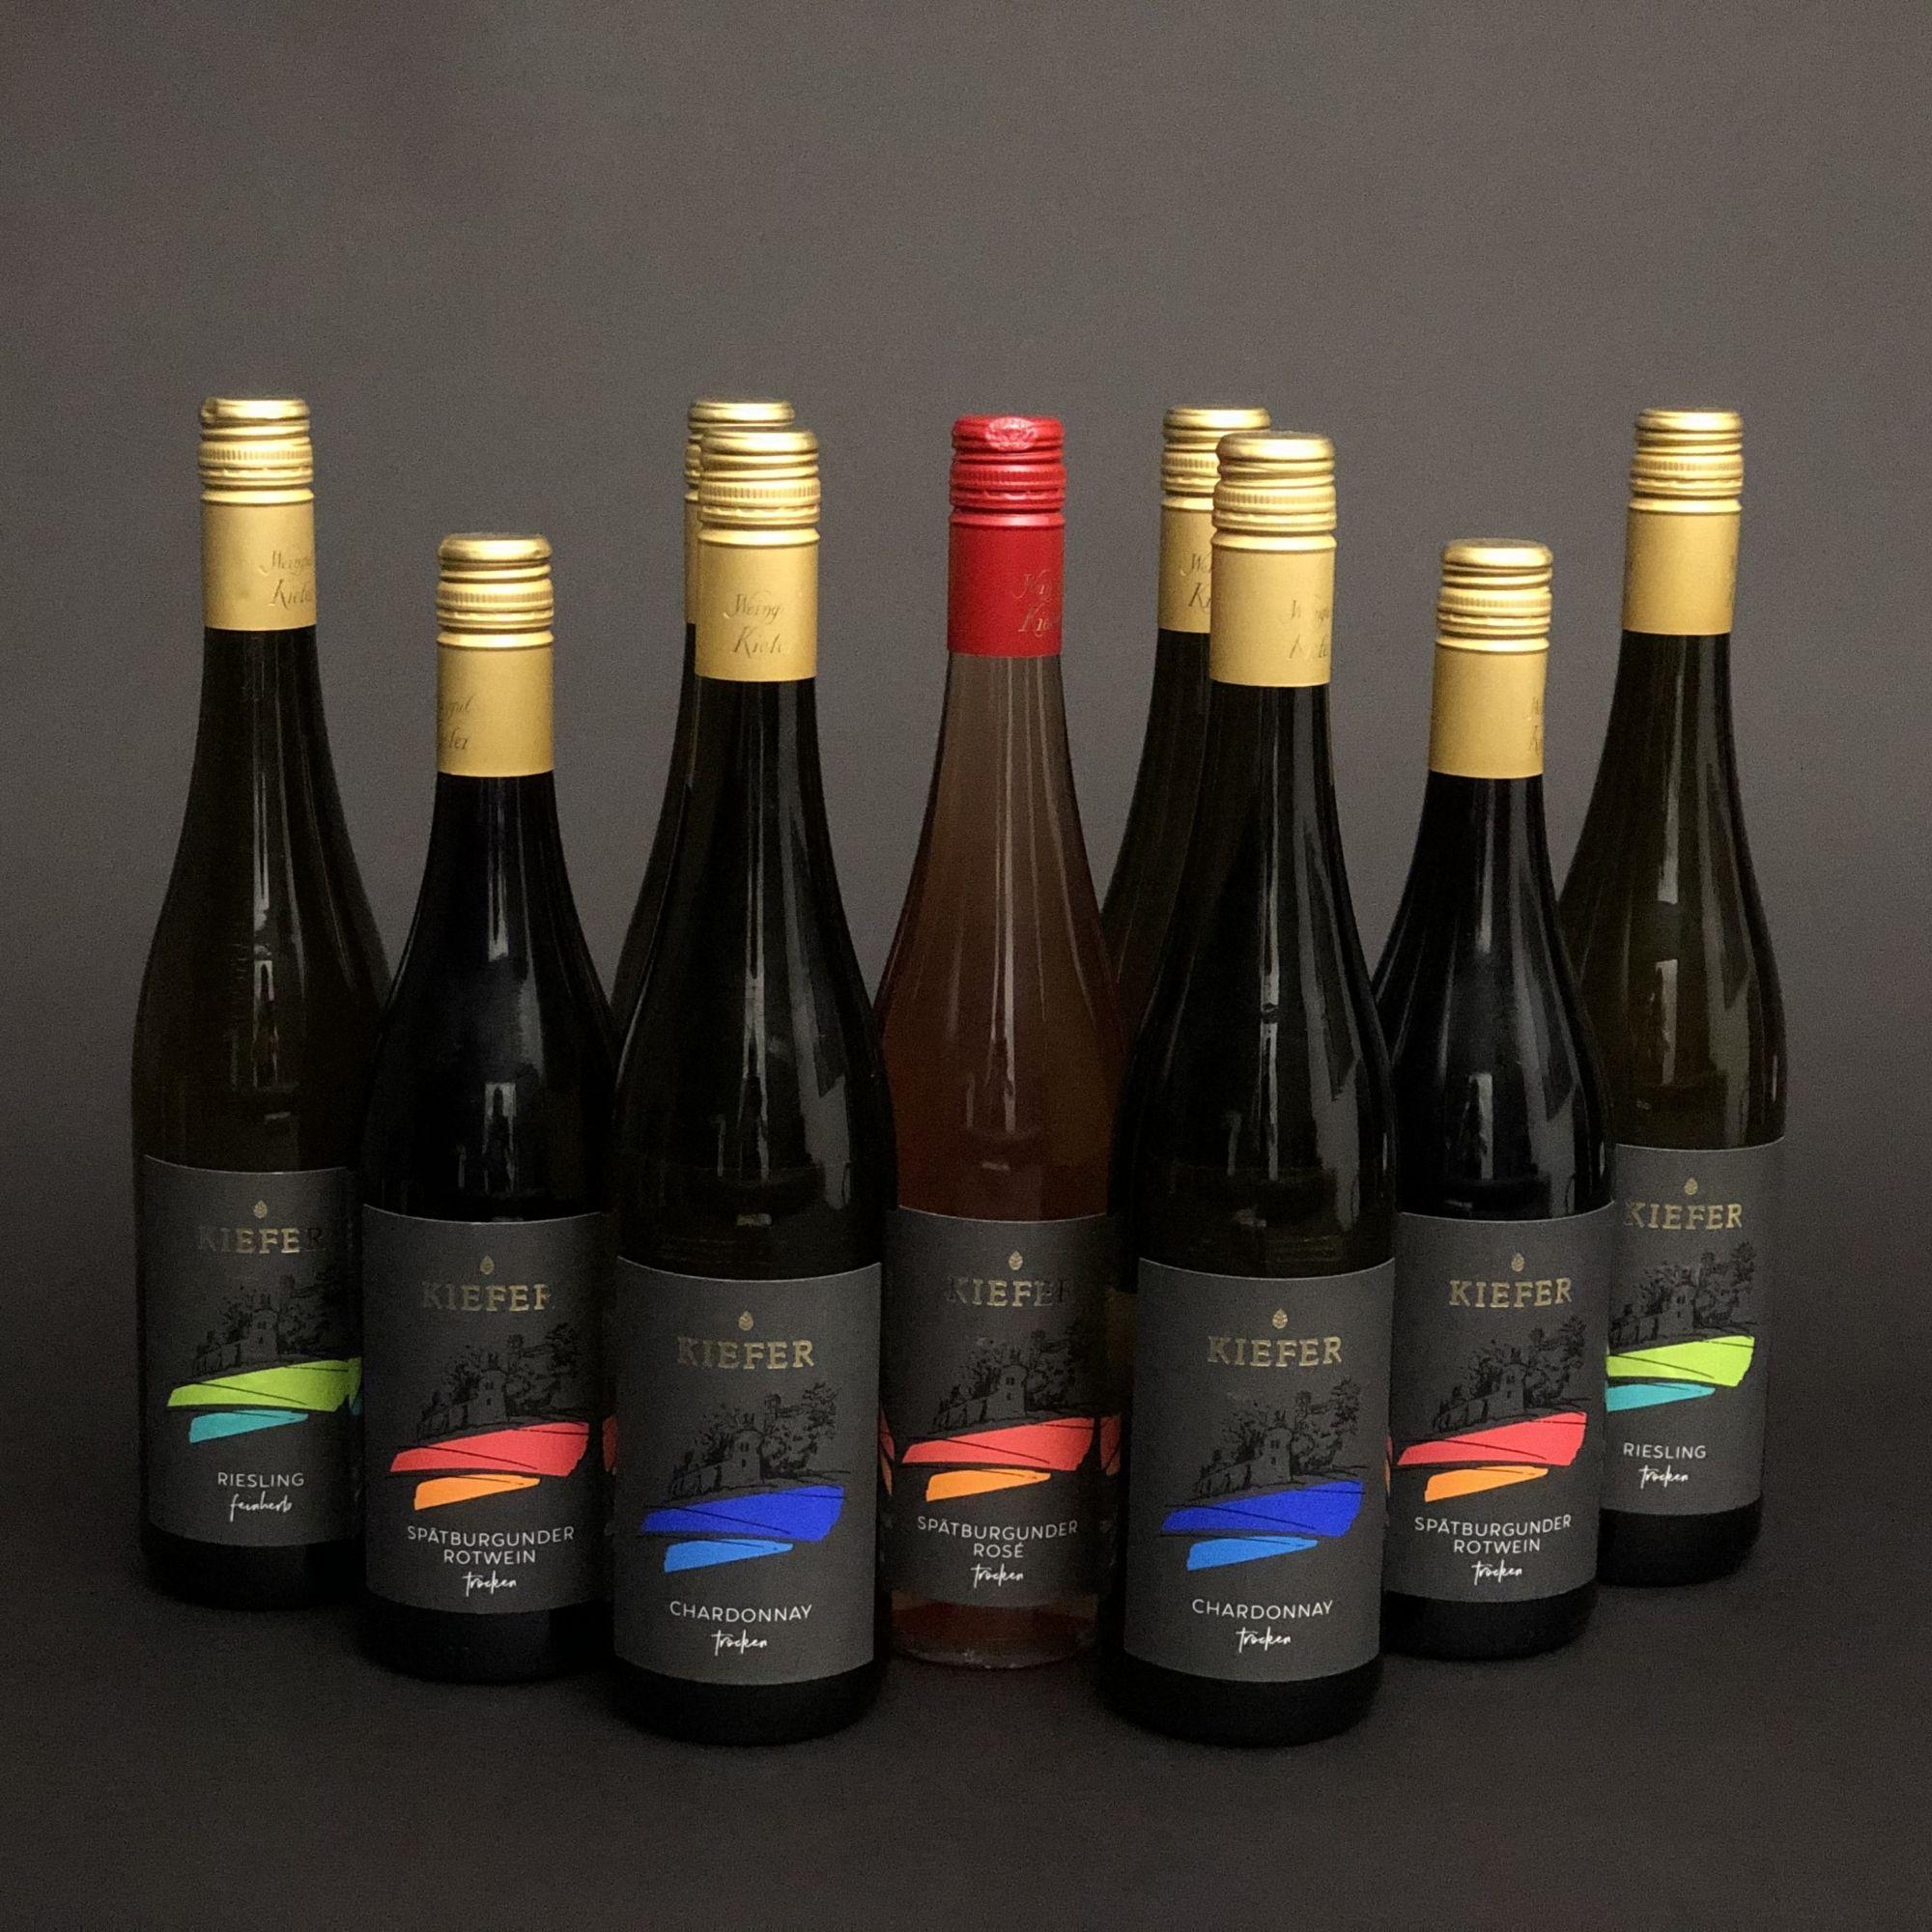 Weingut-Kiefer-Ortenberg-Wein-Alle-2018-Probierpaket